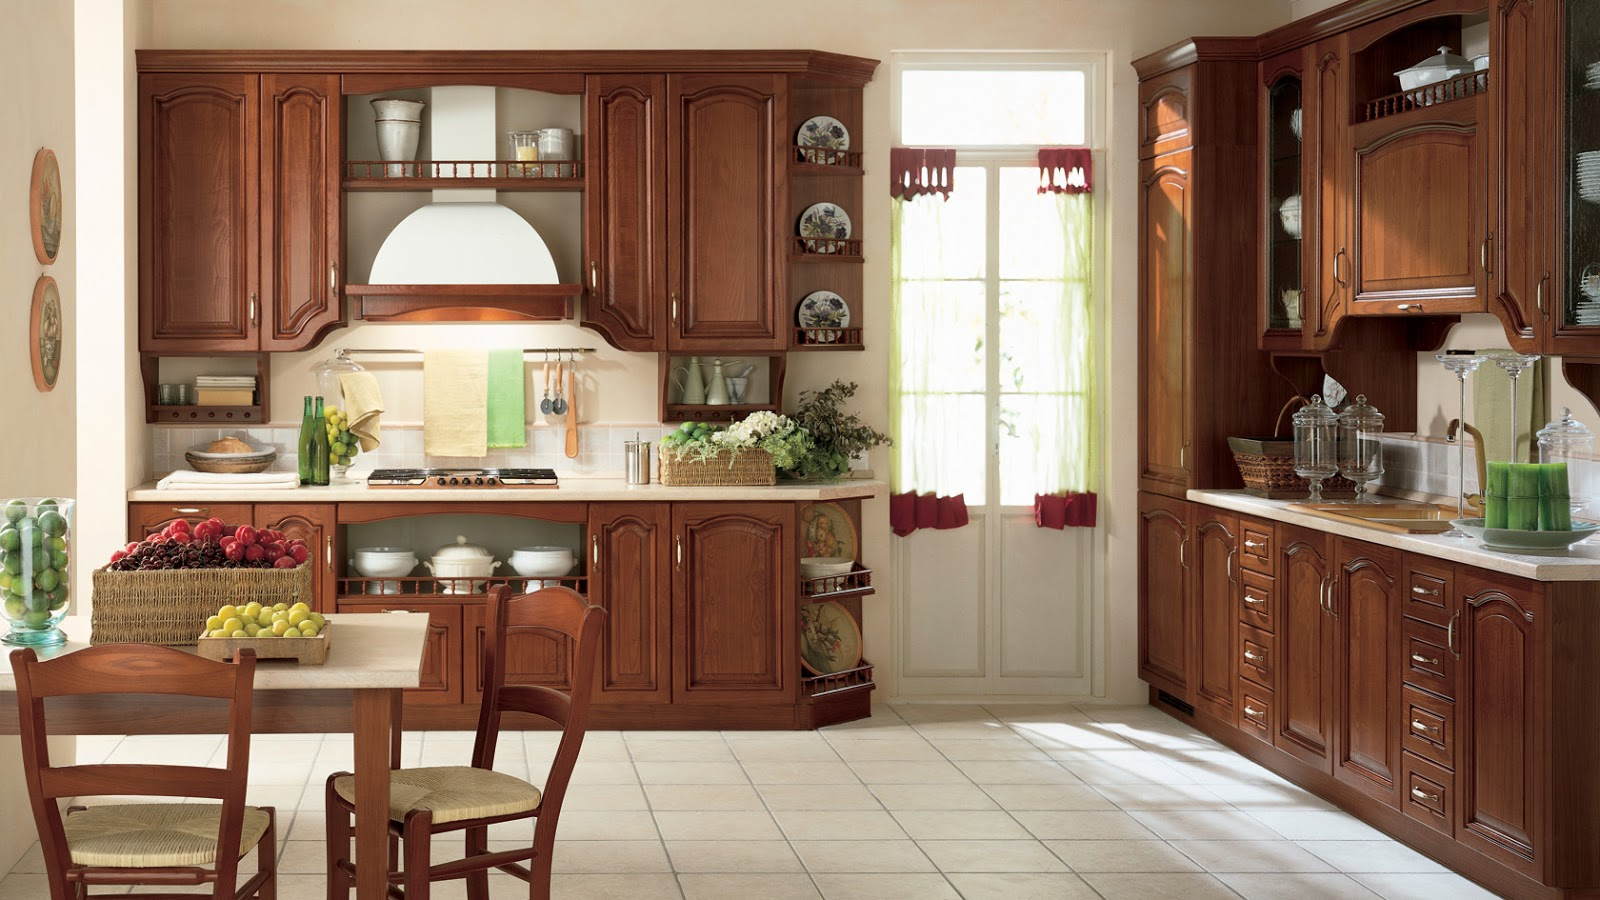 Cucine Classiche: Scavolini Margot Cucina Classica Elegante. #3F2217 1600 900 Produttori Di Cucine Classiche